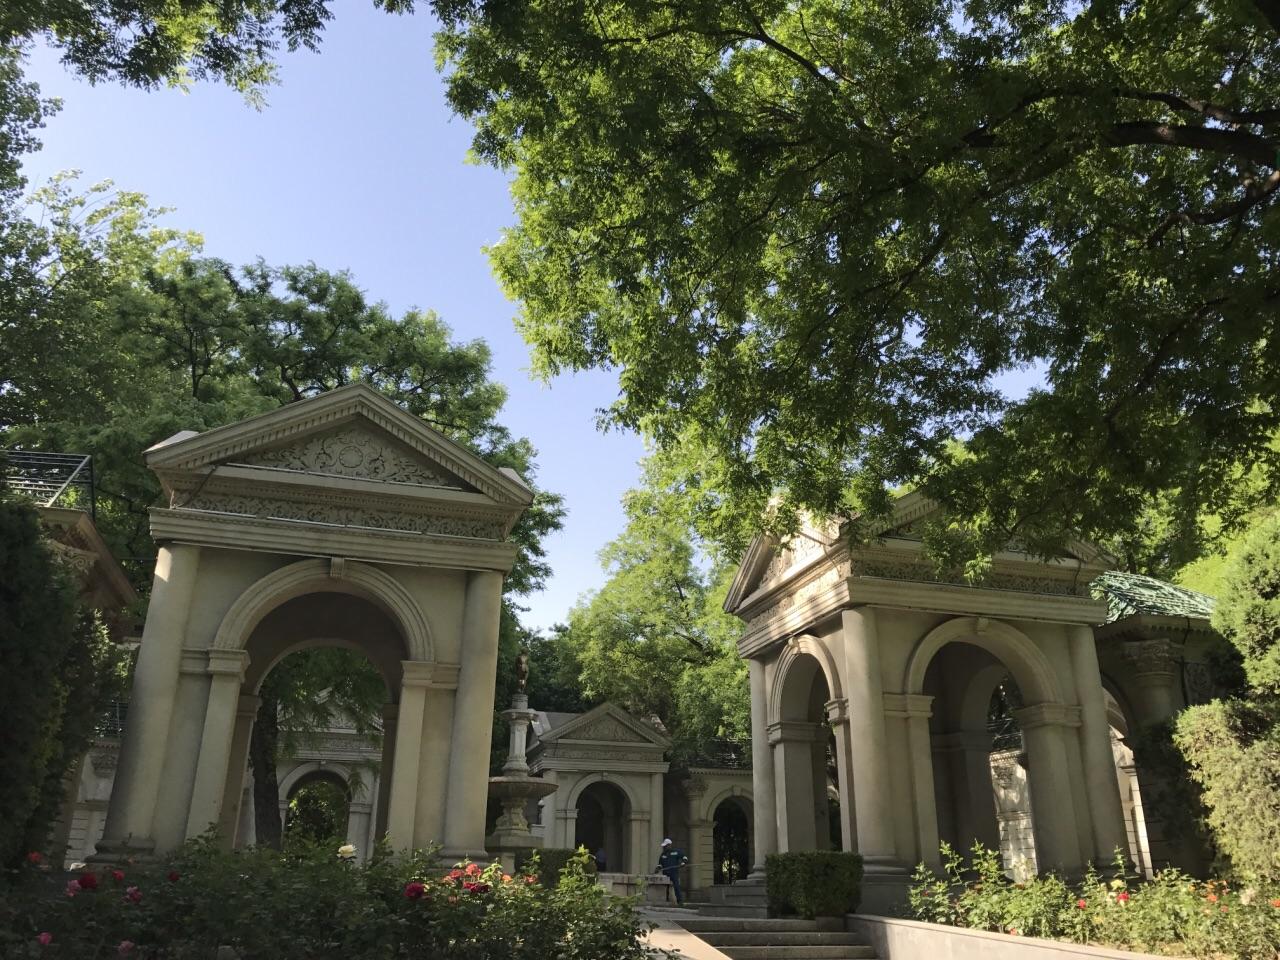 经过两次改造修缮的开放式公园,以欧式景墙,柱廊,喷泉时代感园林空间